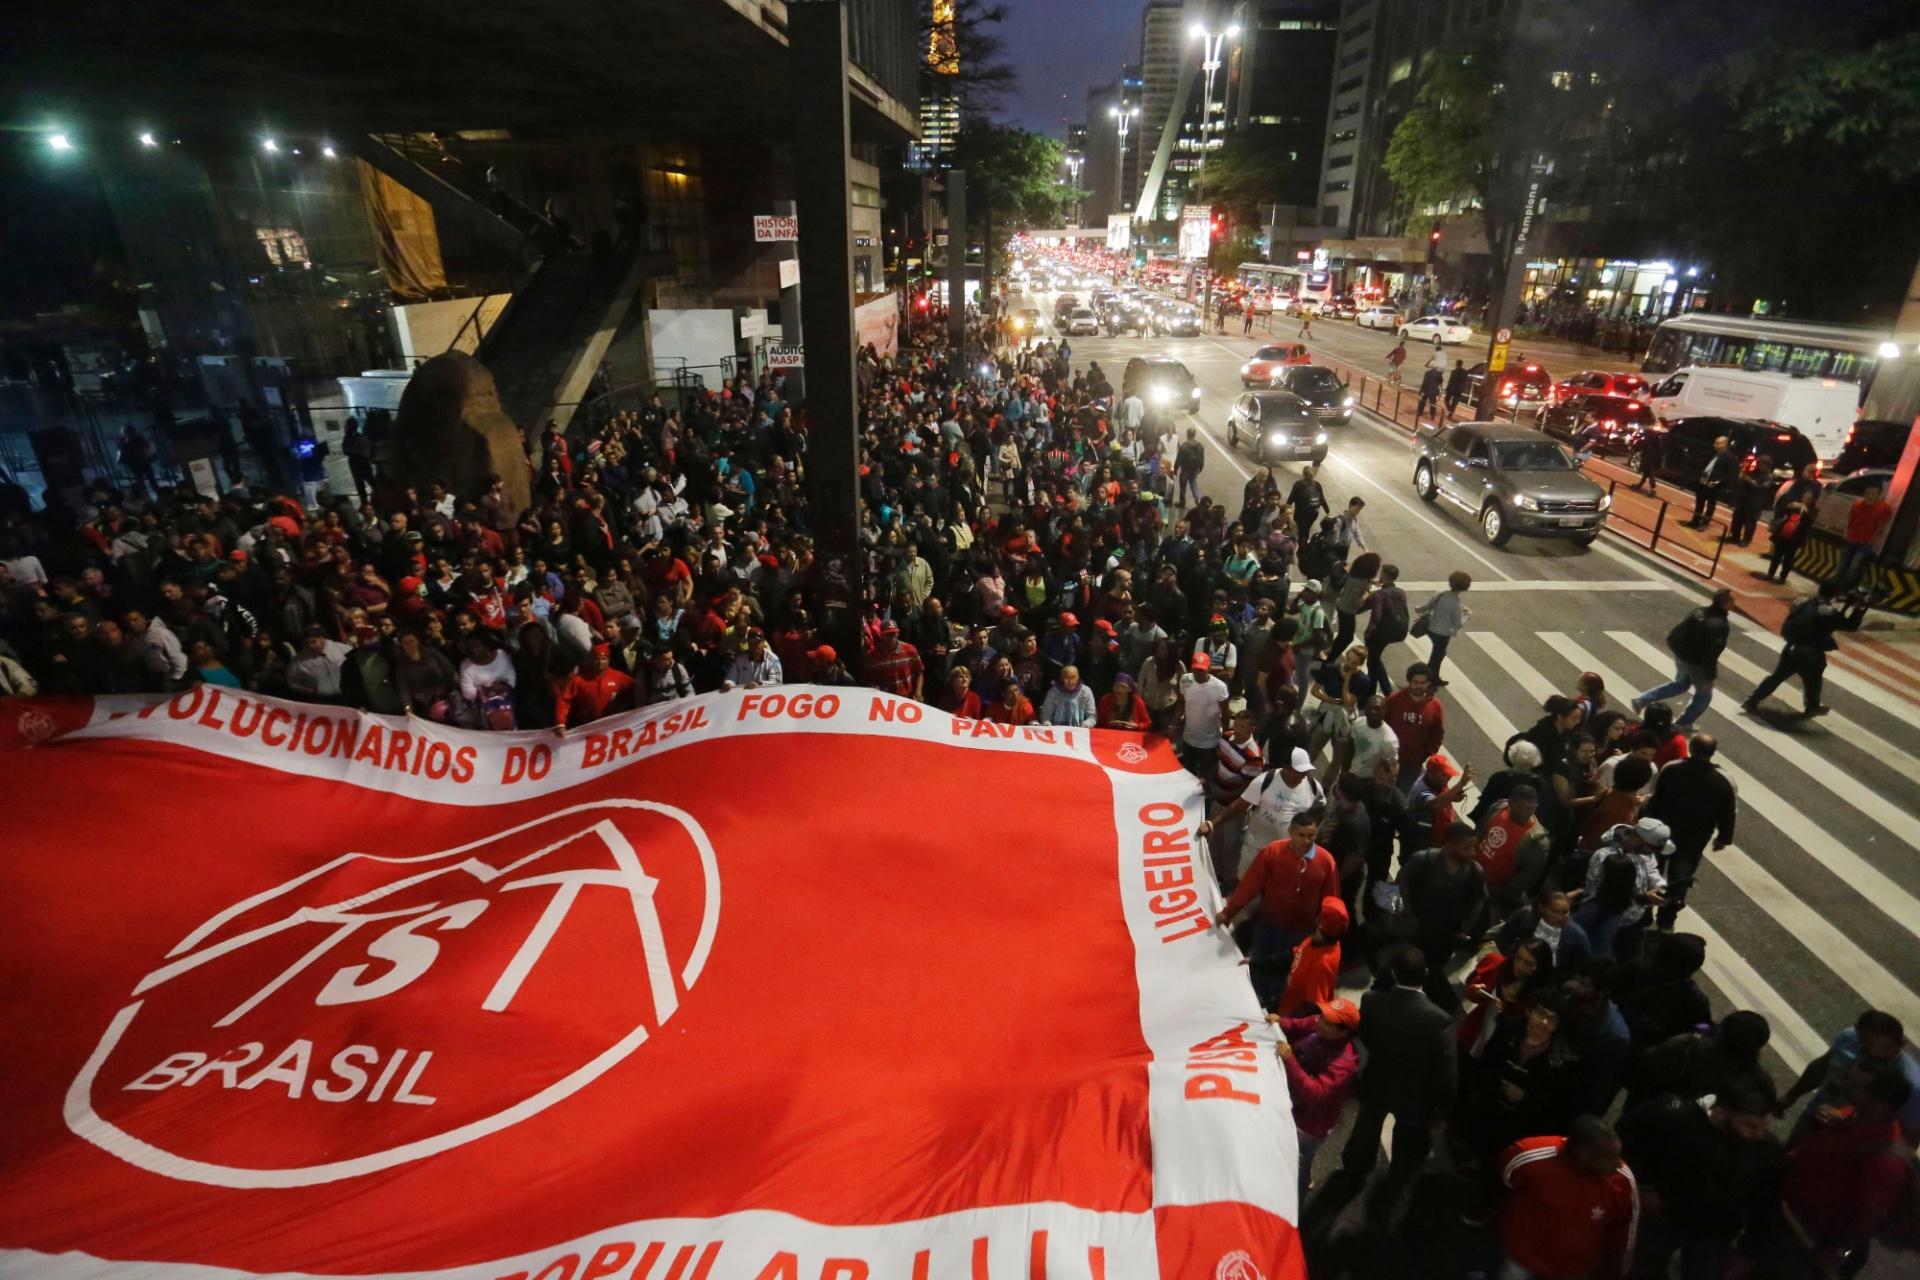 12.mai.2016 - Manifestantes ligados a movimentos sociais e organizações de esquerda realizam um protesto contra o governo do presidente interino Michel Temer, na avenida Paulista, em São Paulo. Eles protestam, ainda, contra a decisão do Senado em afastar a presidente Dilma Rousseff por meio do processo de impeachment